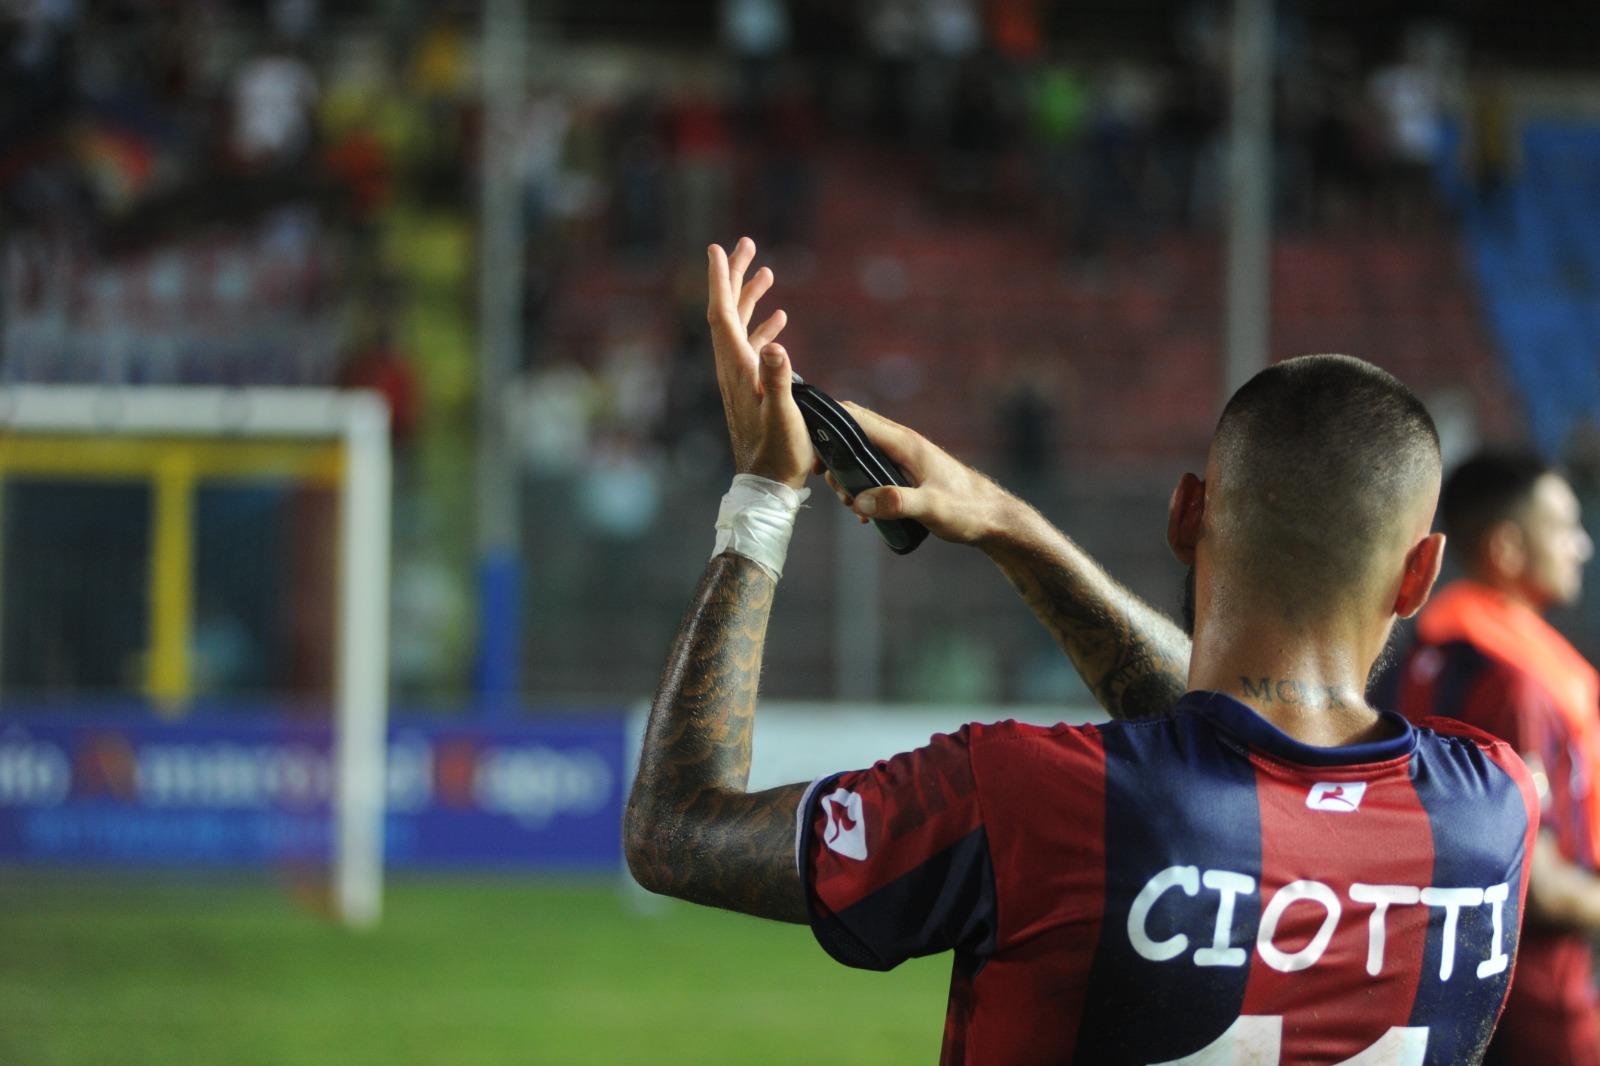 UFFICIALE | Pietro Ciotti è (ancora) un giocatore rossoblu immagine 15008 US Vibonese Calcio